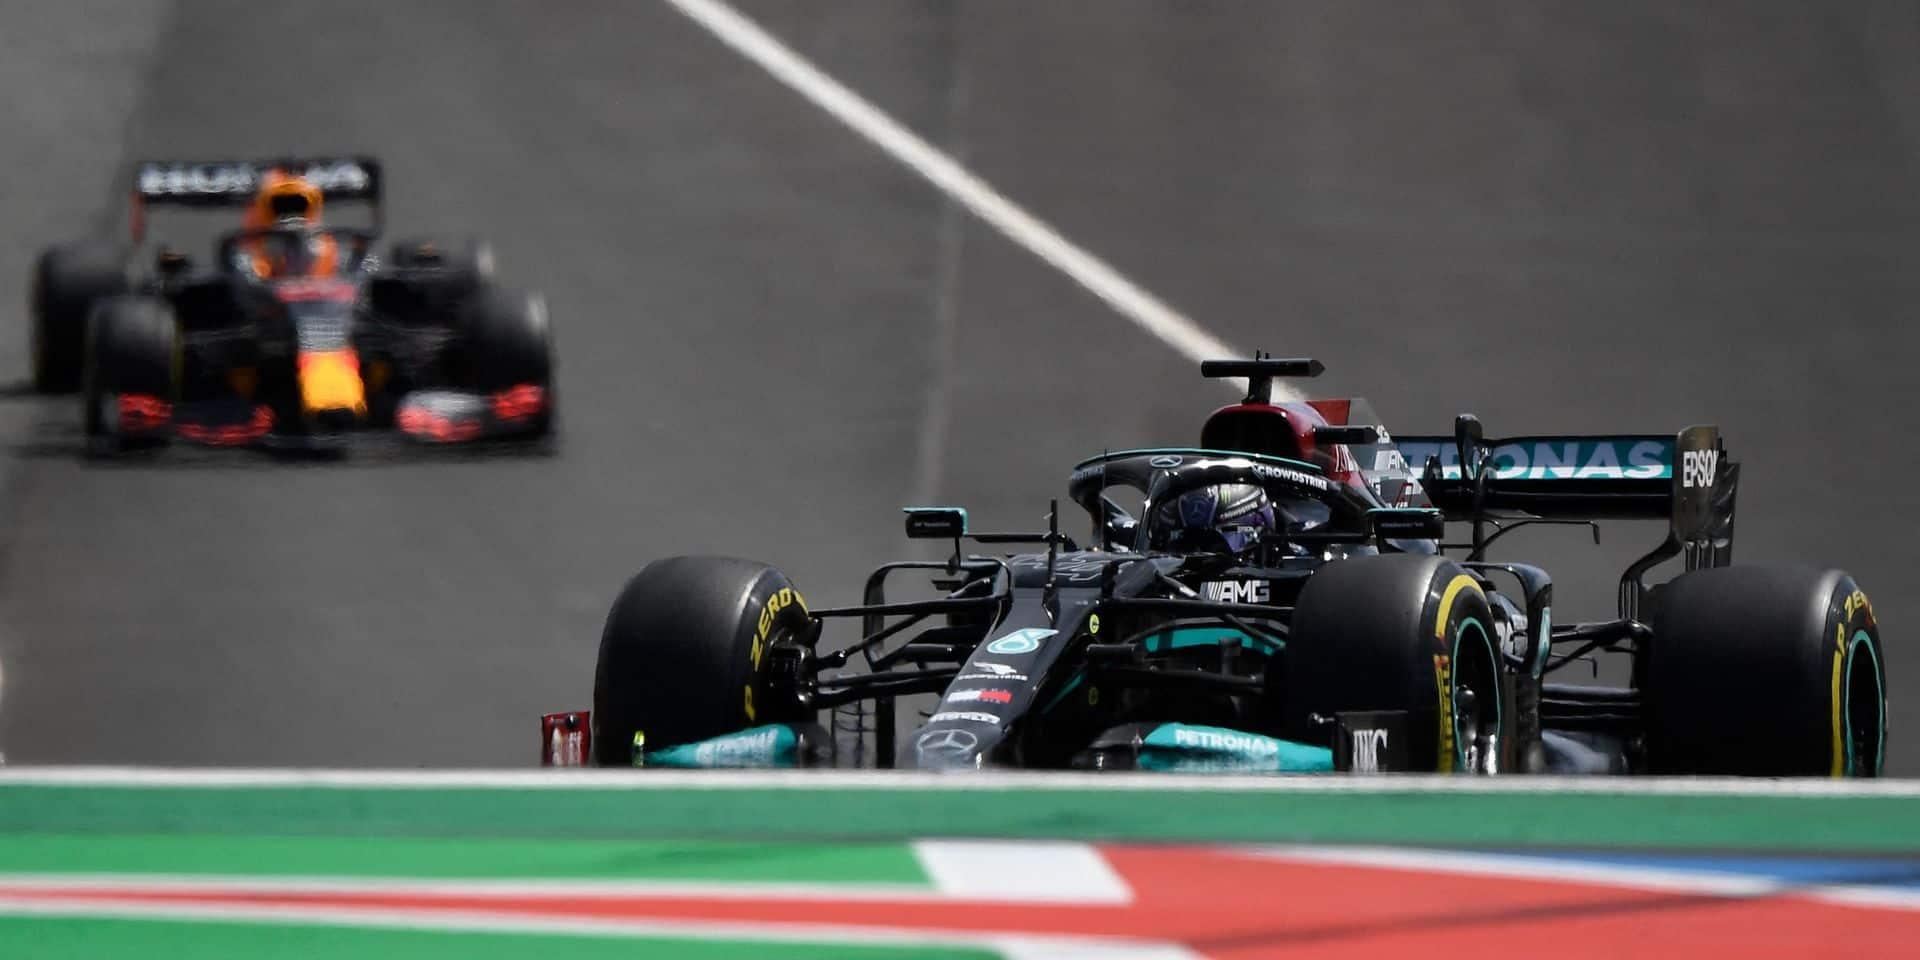 GP du Portugal: Hamilton s'impose devant Verstappen et Bottas !